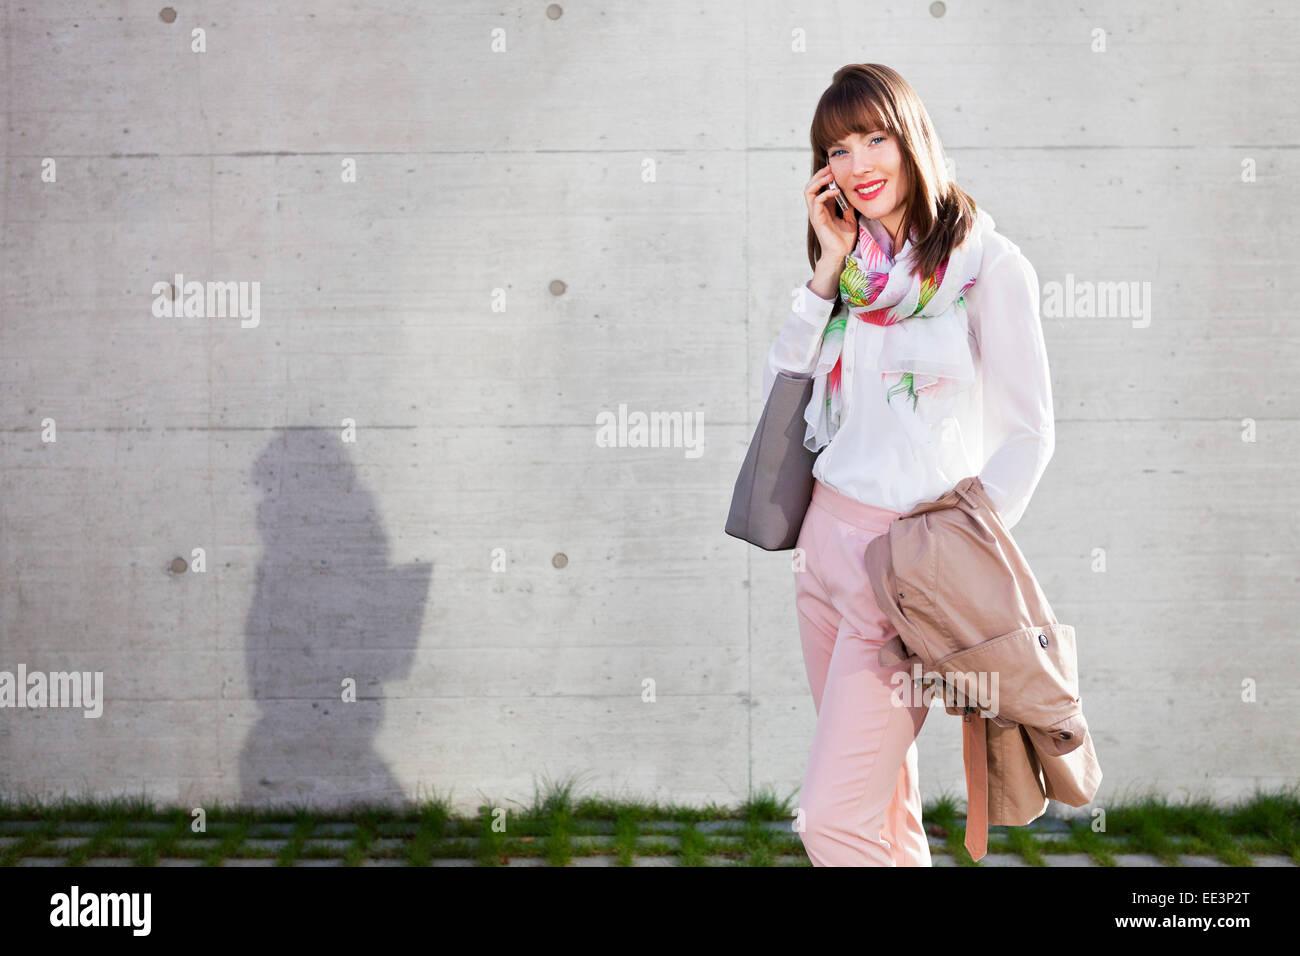 Giovane donna all'aperto, Monaco di Baviera, Germania Immagini Stock